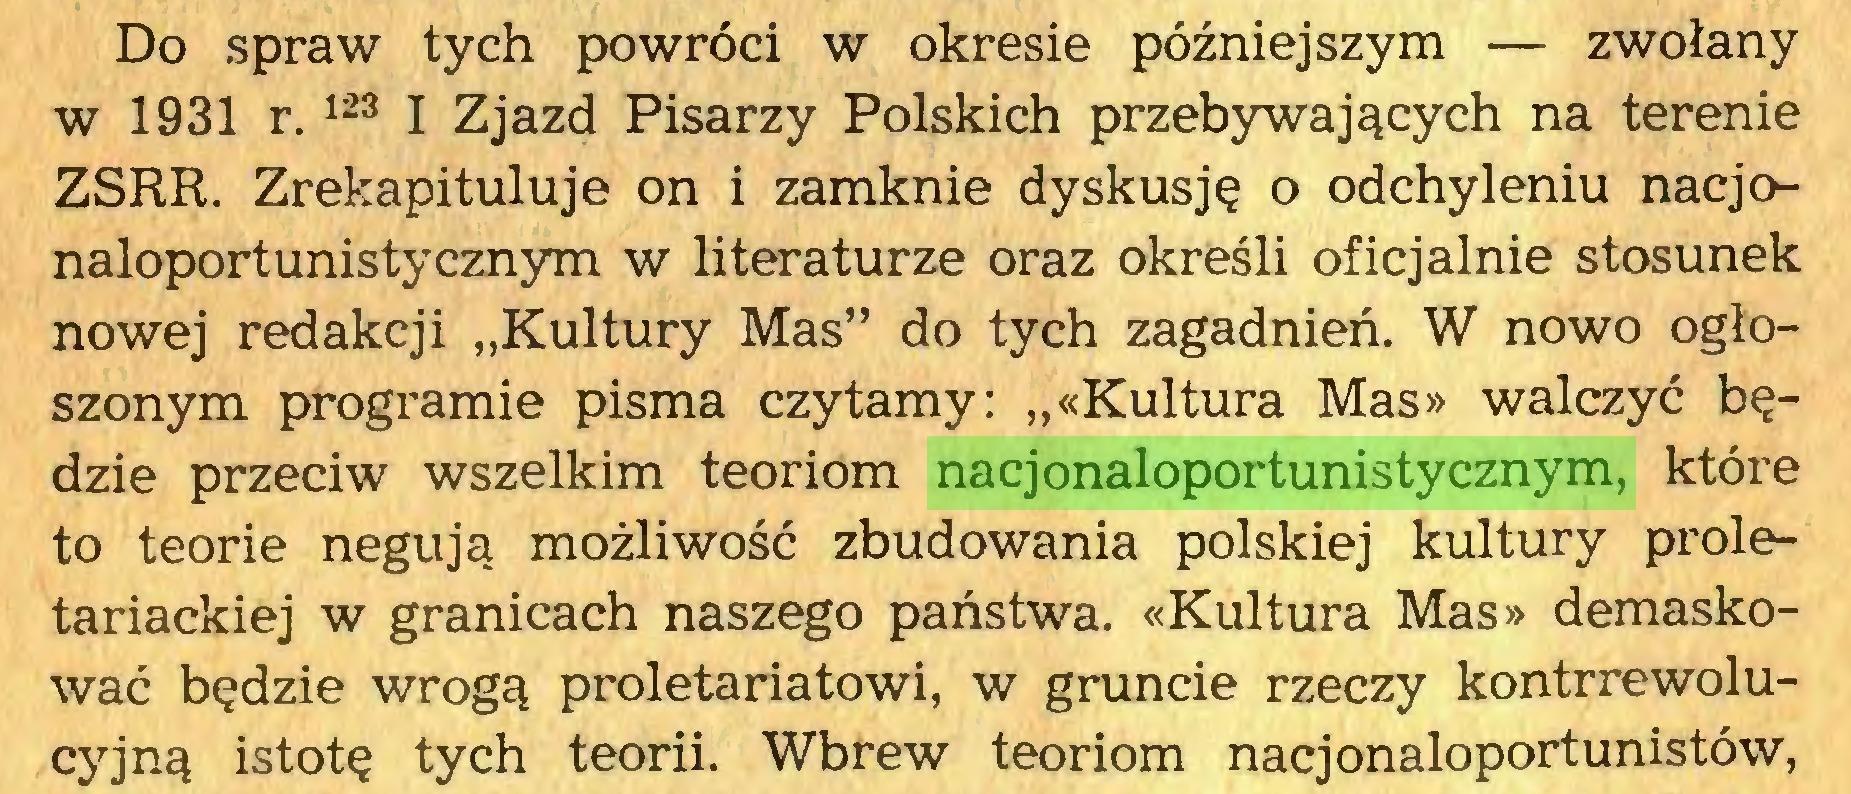 """(...) Do spraw tych powróci w okresie późniejszym — zwołany w 1931 r.123 I Zjazd Pisarzy Polskich przebywających na terenie ZSRR. Zrekapituluje on i zamknie dyskusję o odchyleniu nacjonaloportunistycznym w literaturze oraz określi oficjalnie stosunek nowej redakcji """"Kultury Mas"""" do tych zagadnień. W nowo ogłoszonym programie pisma czytamy: """"«Kultura Mas» walczyć będzie przeciw wszelkim teoriom nacjonaloportunistycznym, które to teorie negują możliwość zbudowania polskiej kultury proletariackiej w granicach naszego państwa. «Kultura Mas» demaskować będzie wrogą proletariatowi, w gruncie rzeczy kontrrewolucyjną istotę tych teorii. Wbrew teoriom nacjonaloportunistów,..."""